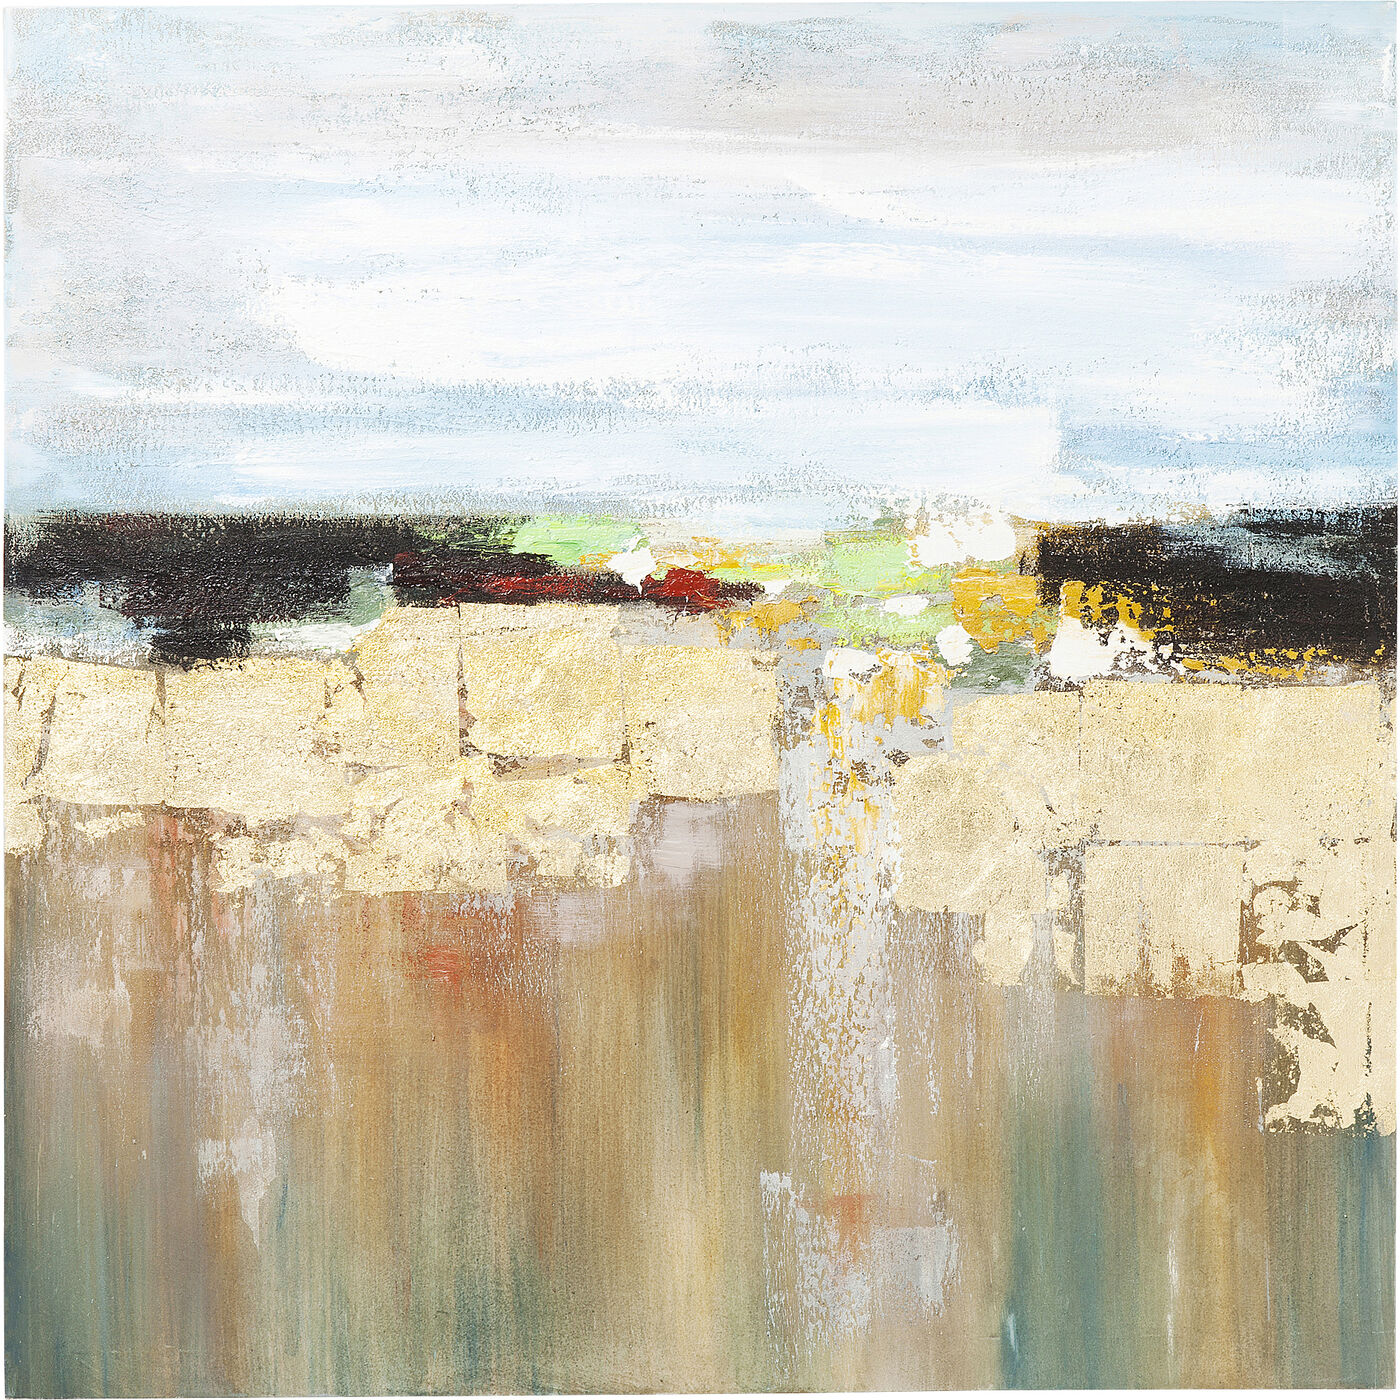 Acrylbild Abstract Landscape 120x120cm